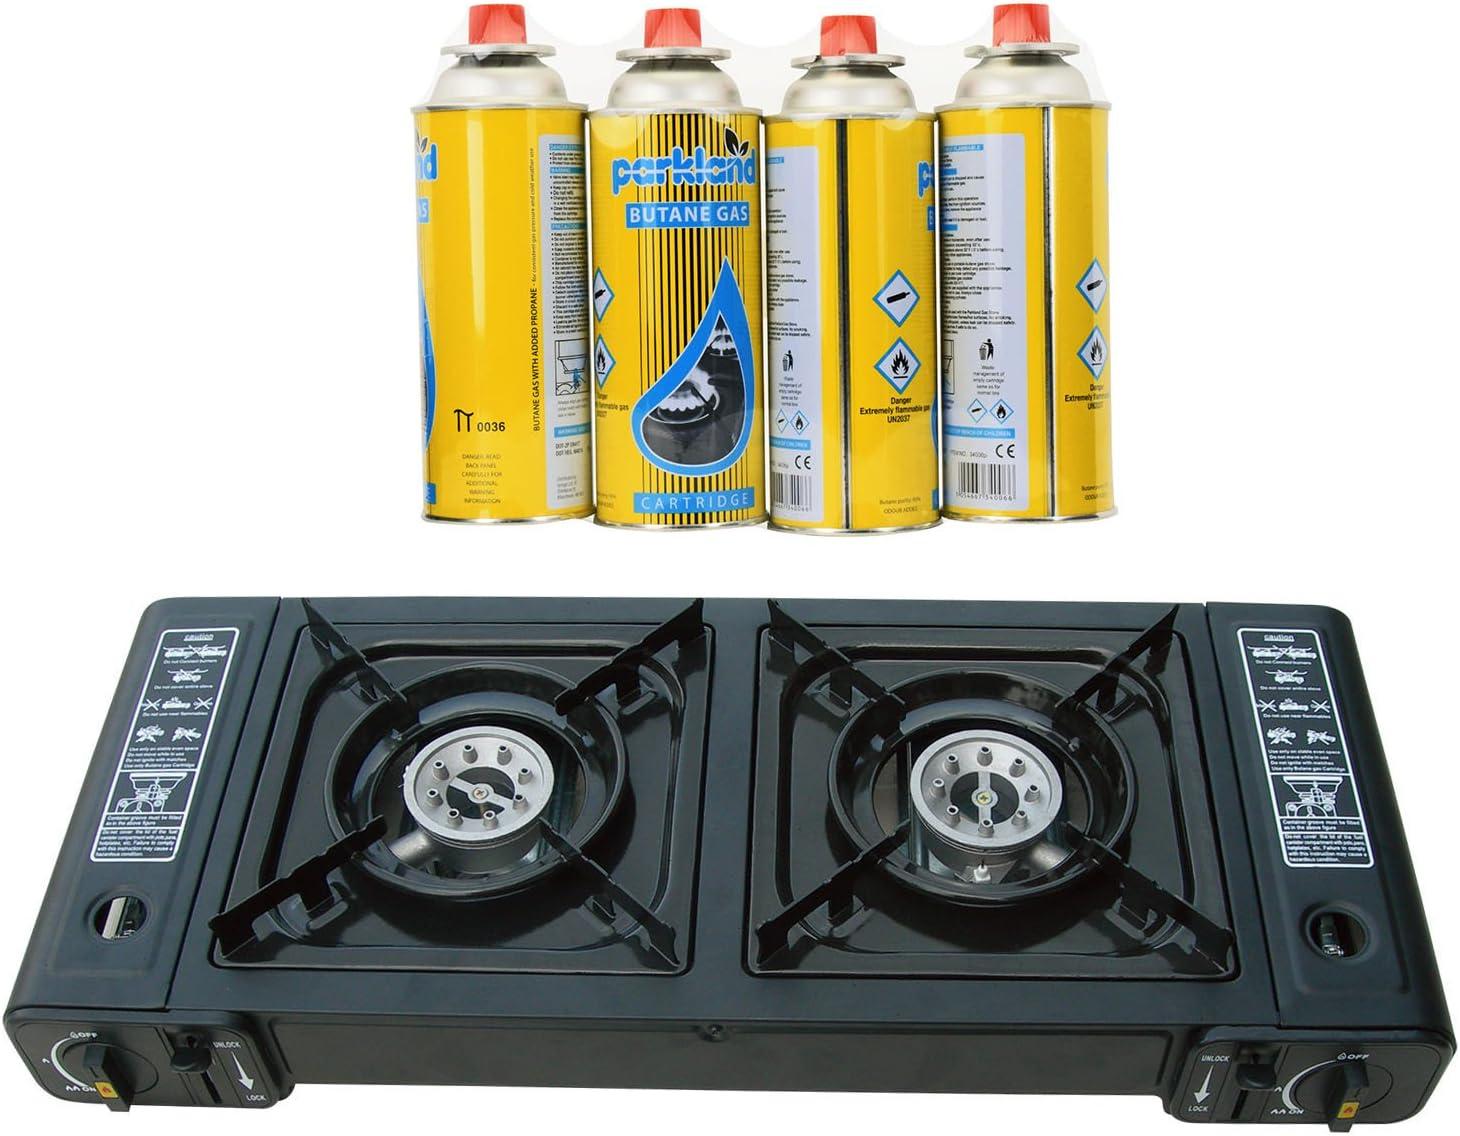 Topflame - Quemador doble de cocina de camping gas + 4 Recargas de gas